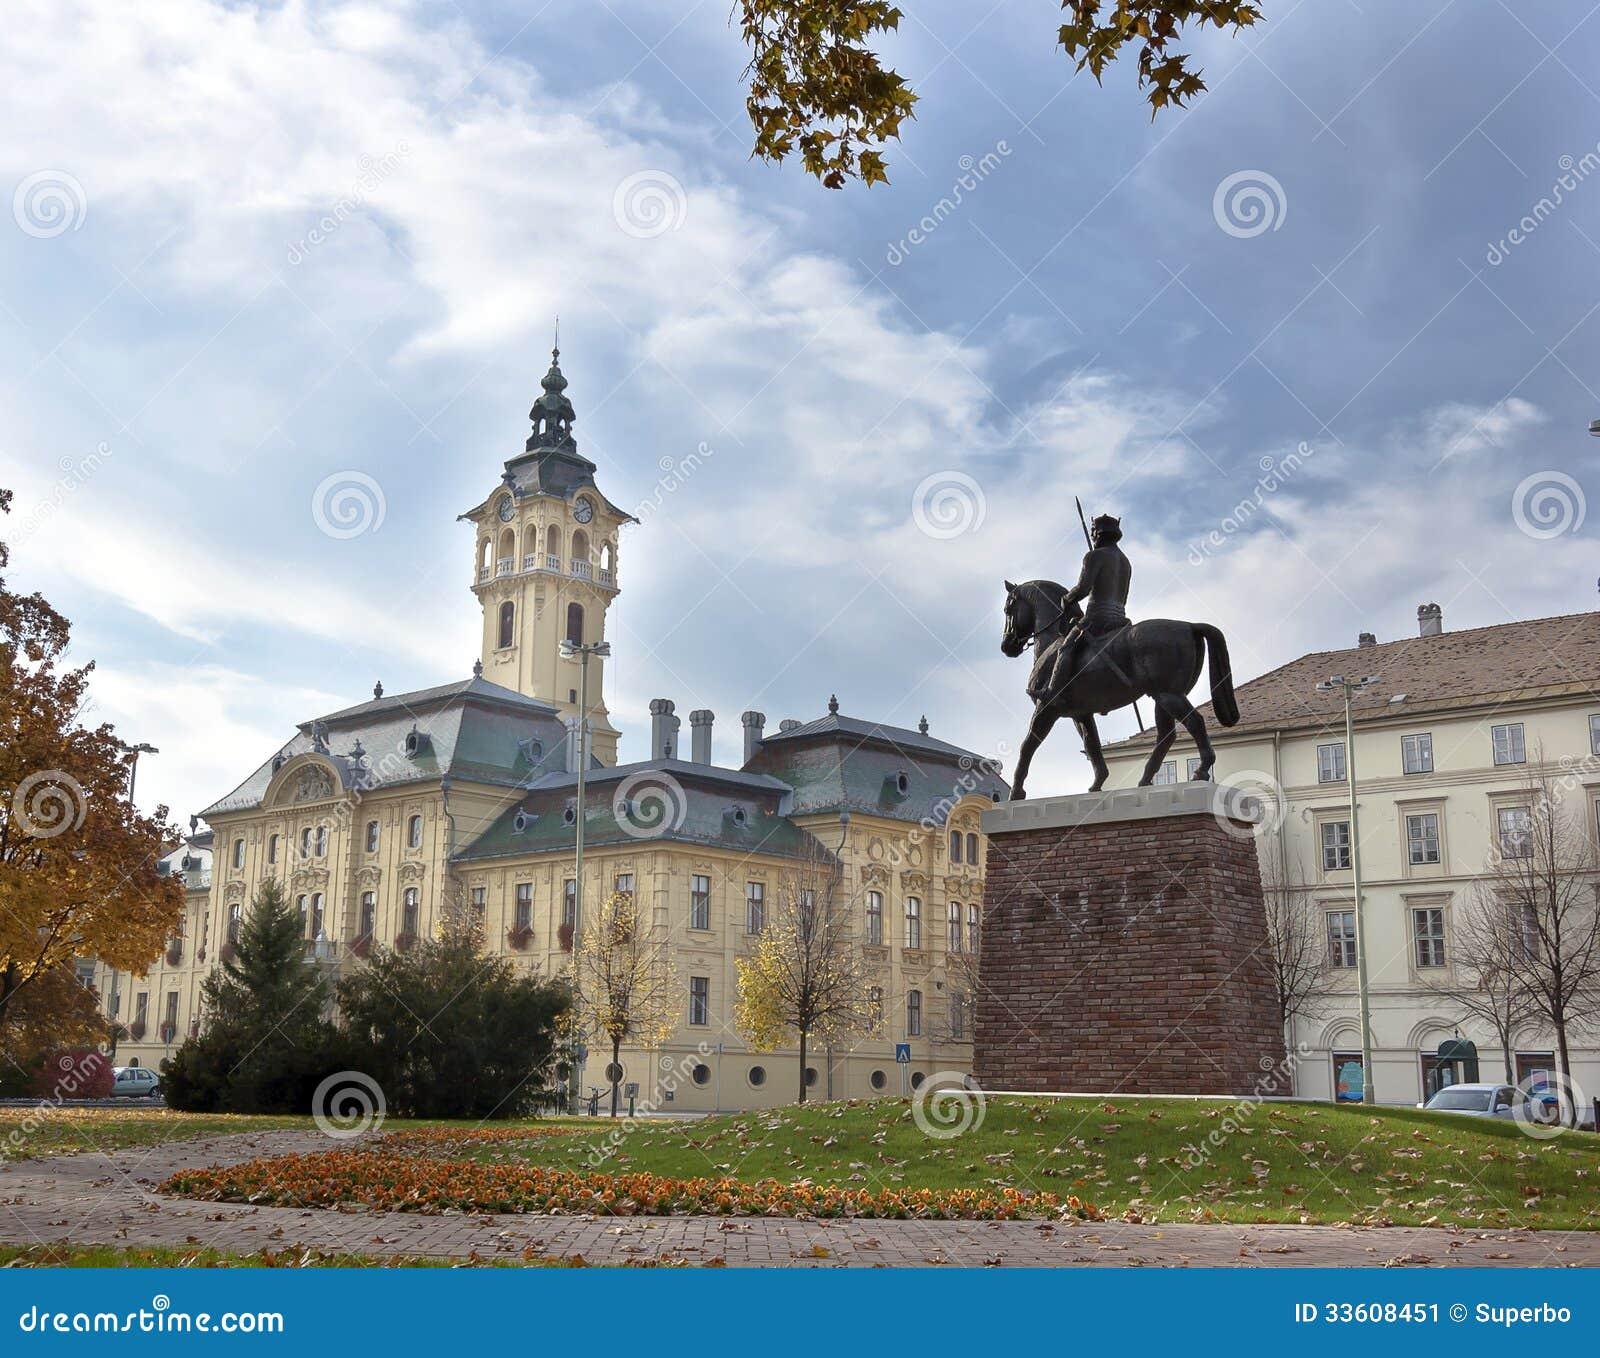 Comune in Seghedino, Ungheria.